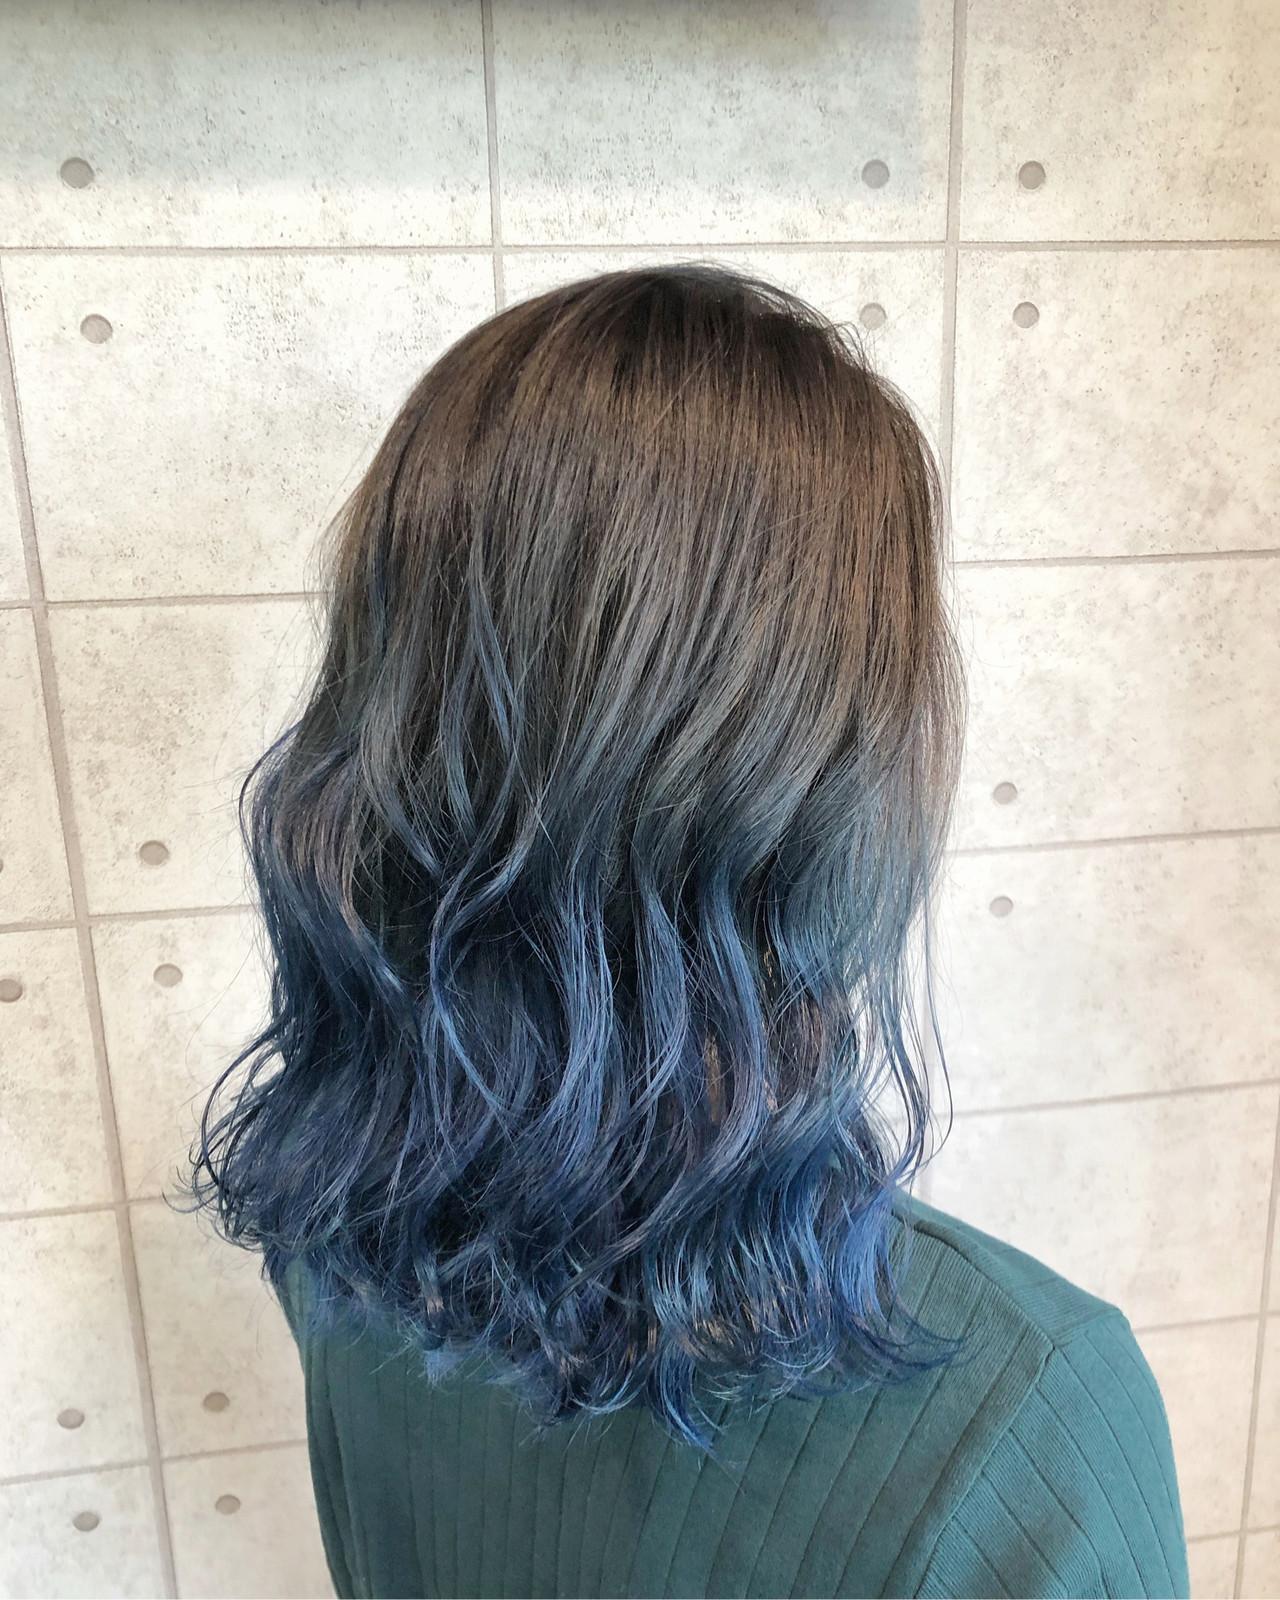 モード ブルージュ イルミナカラー ブリーチカラー ヘアスタイルや髪型の写真・画像